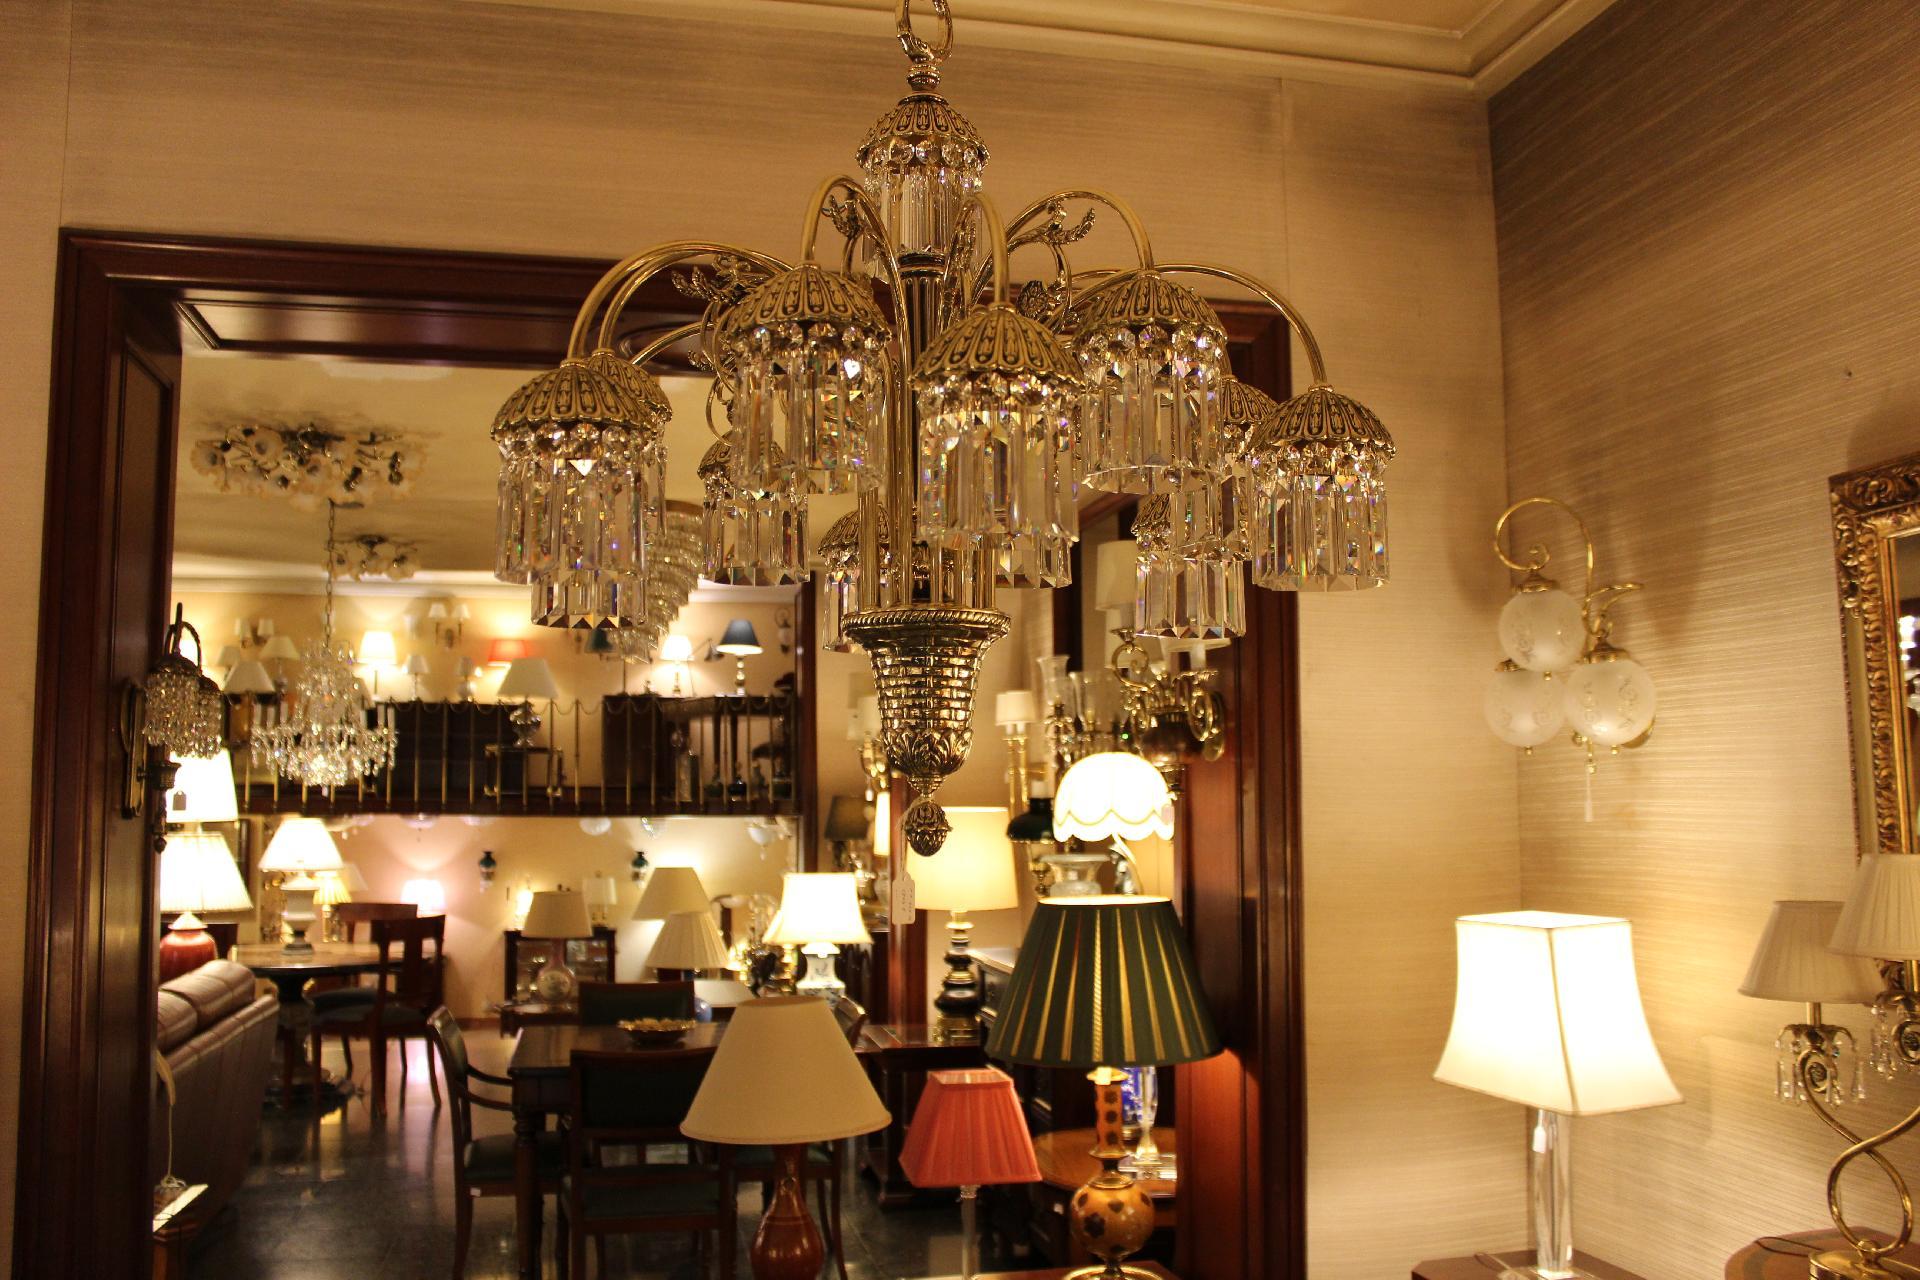 Tienda de muebles y l mparas en barcelona l mparas mart - Casas de lamparas en barcelona ...